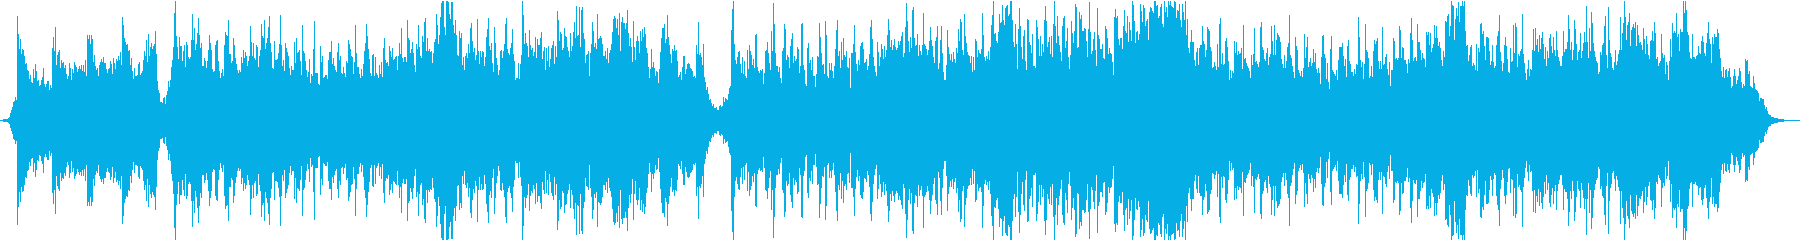 RPGのボスバトル曲(オーケストラ)の再生済みの波形